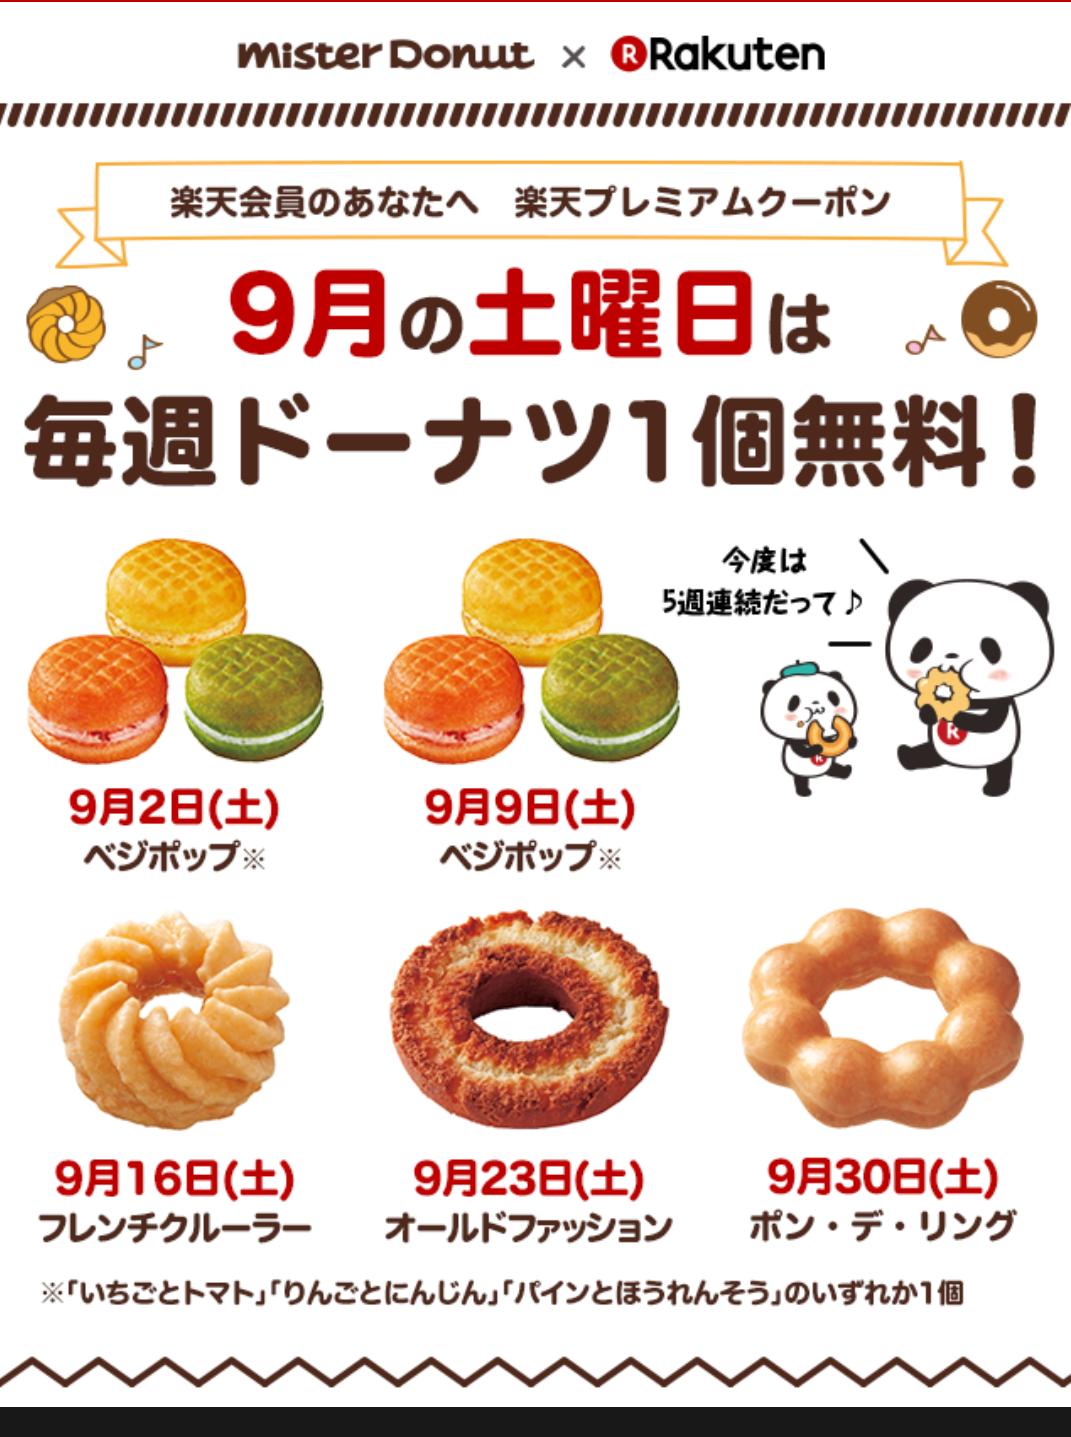 【楽天】9月土曜日は毎週ミスドのドーナツがもらえるよ!